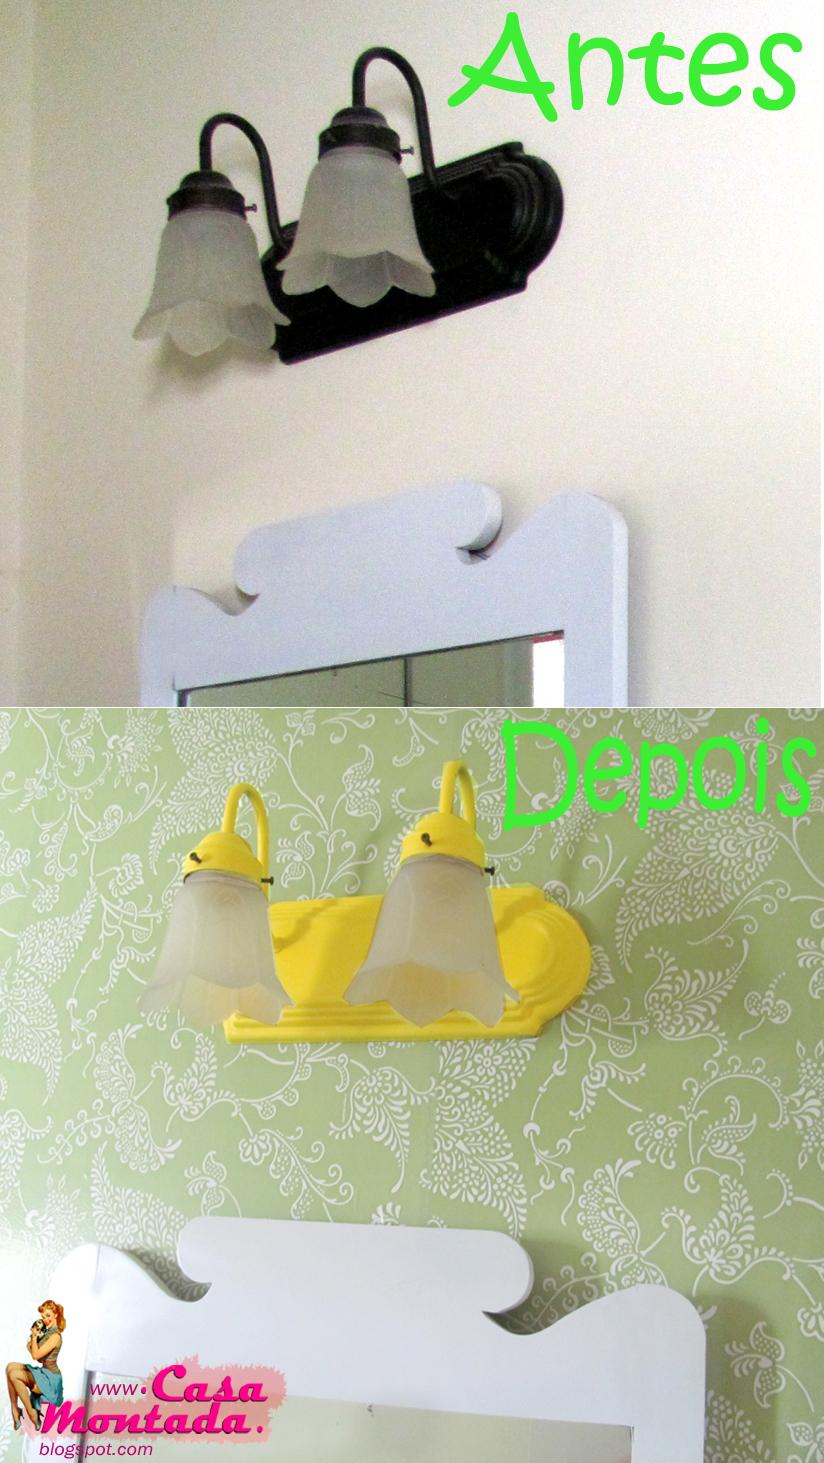 decoracao banheiro barata – Doitricom -> Decoracao Banheiro Barata